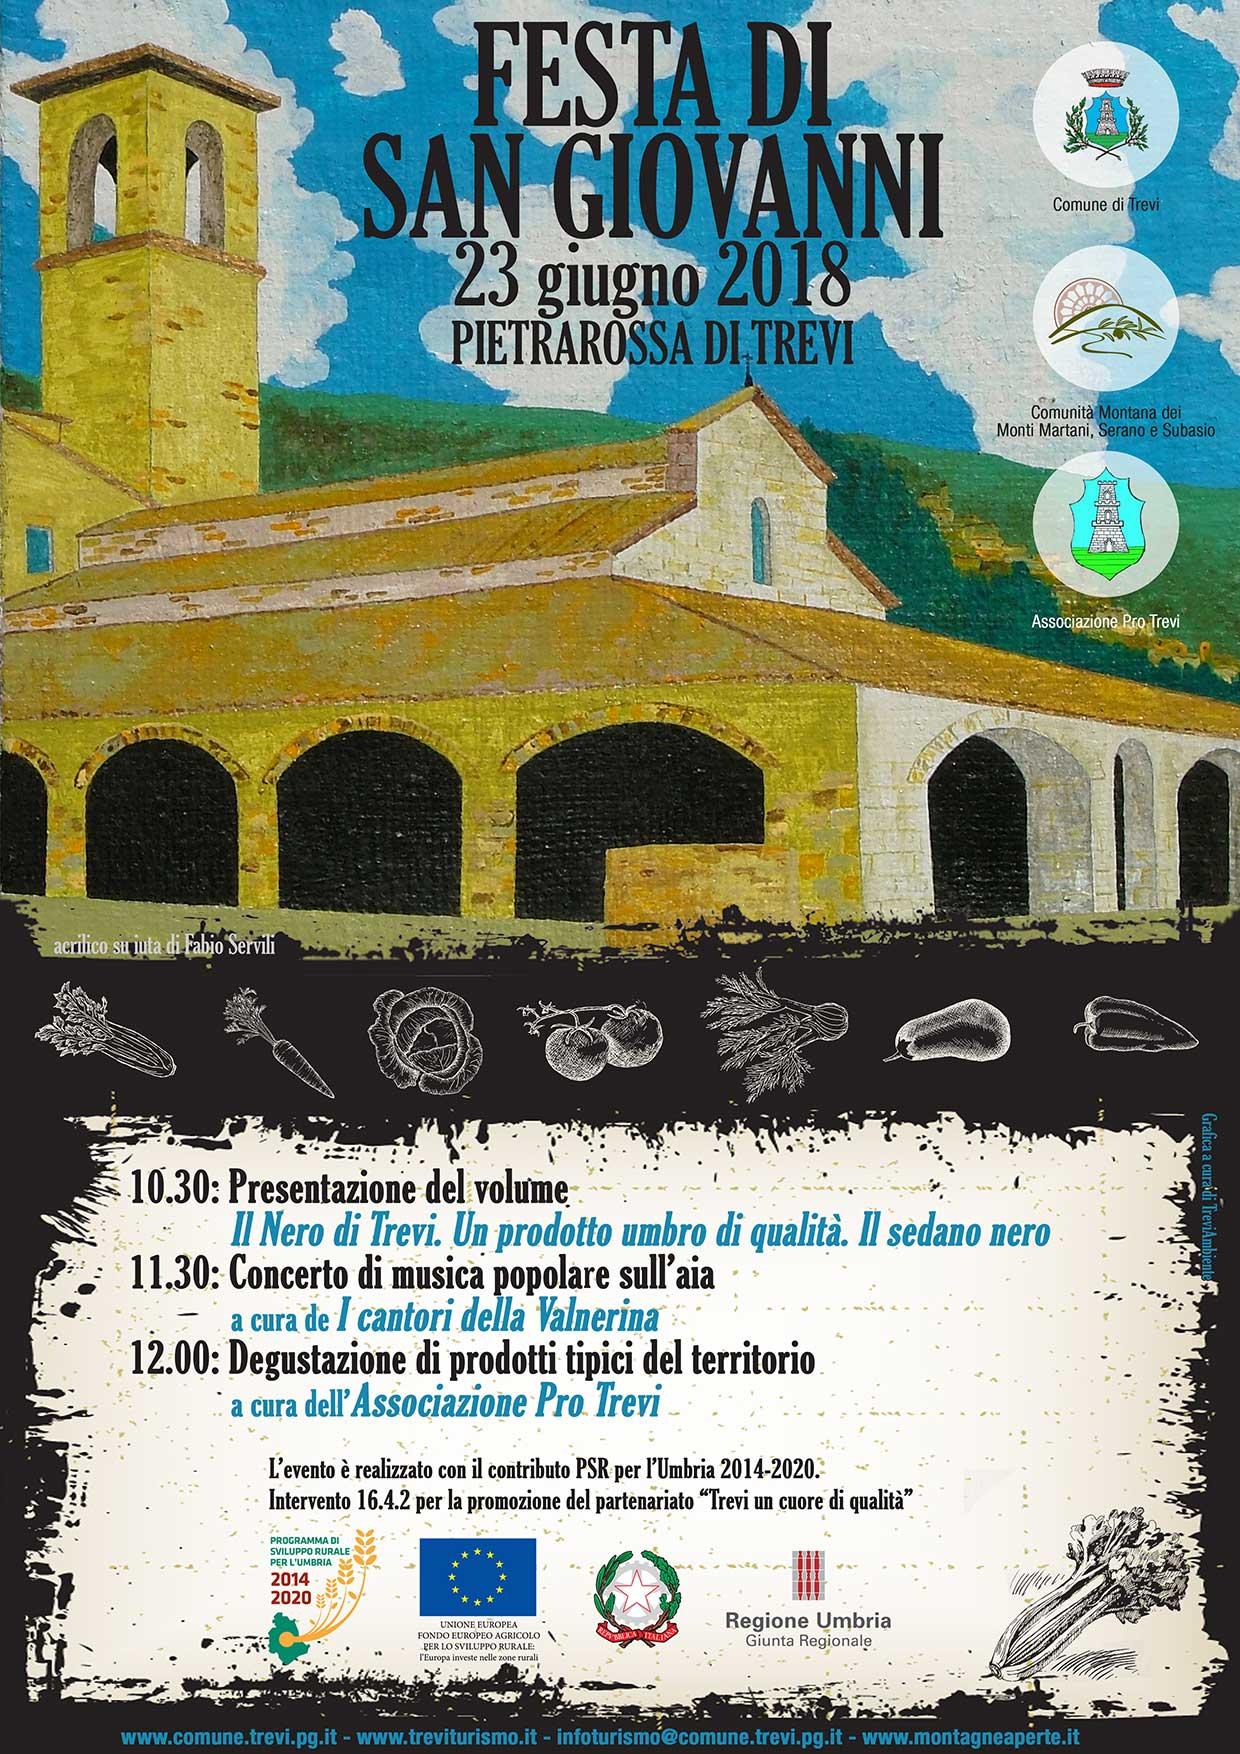 FESTA DI SAN GIOVANNI - PIETRAROSSA - TREVI, 23 GIUGNO 2018